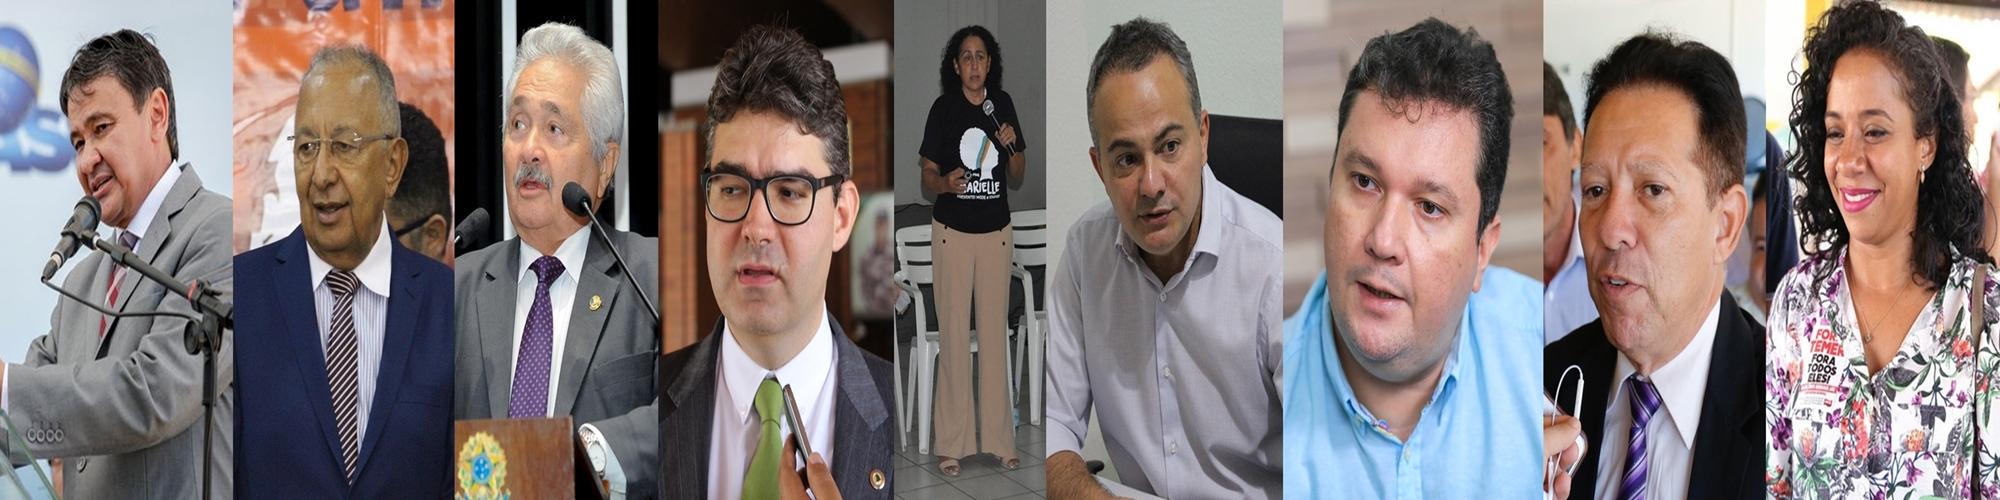 Candidatos ao Governo do Piauí nas Eleições 2018.